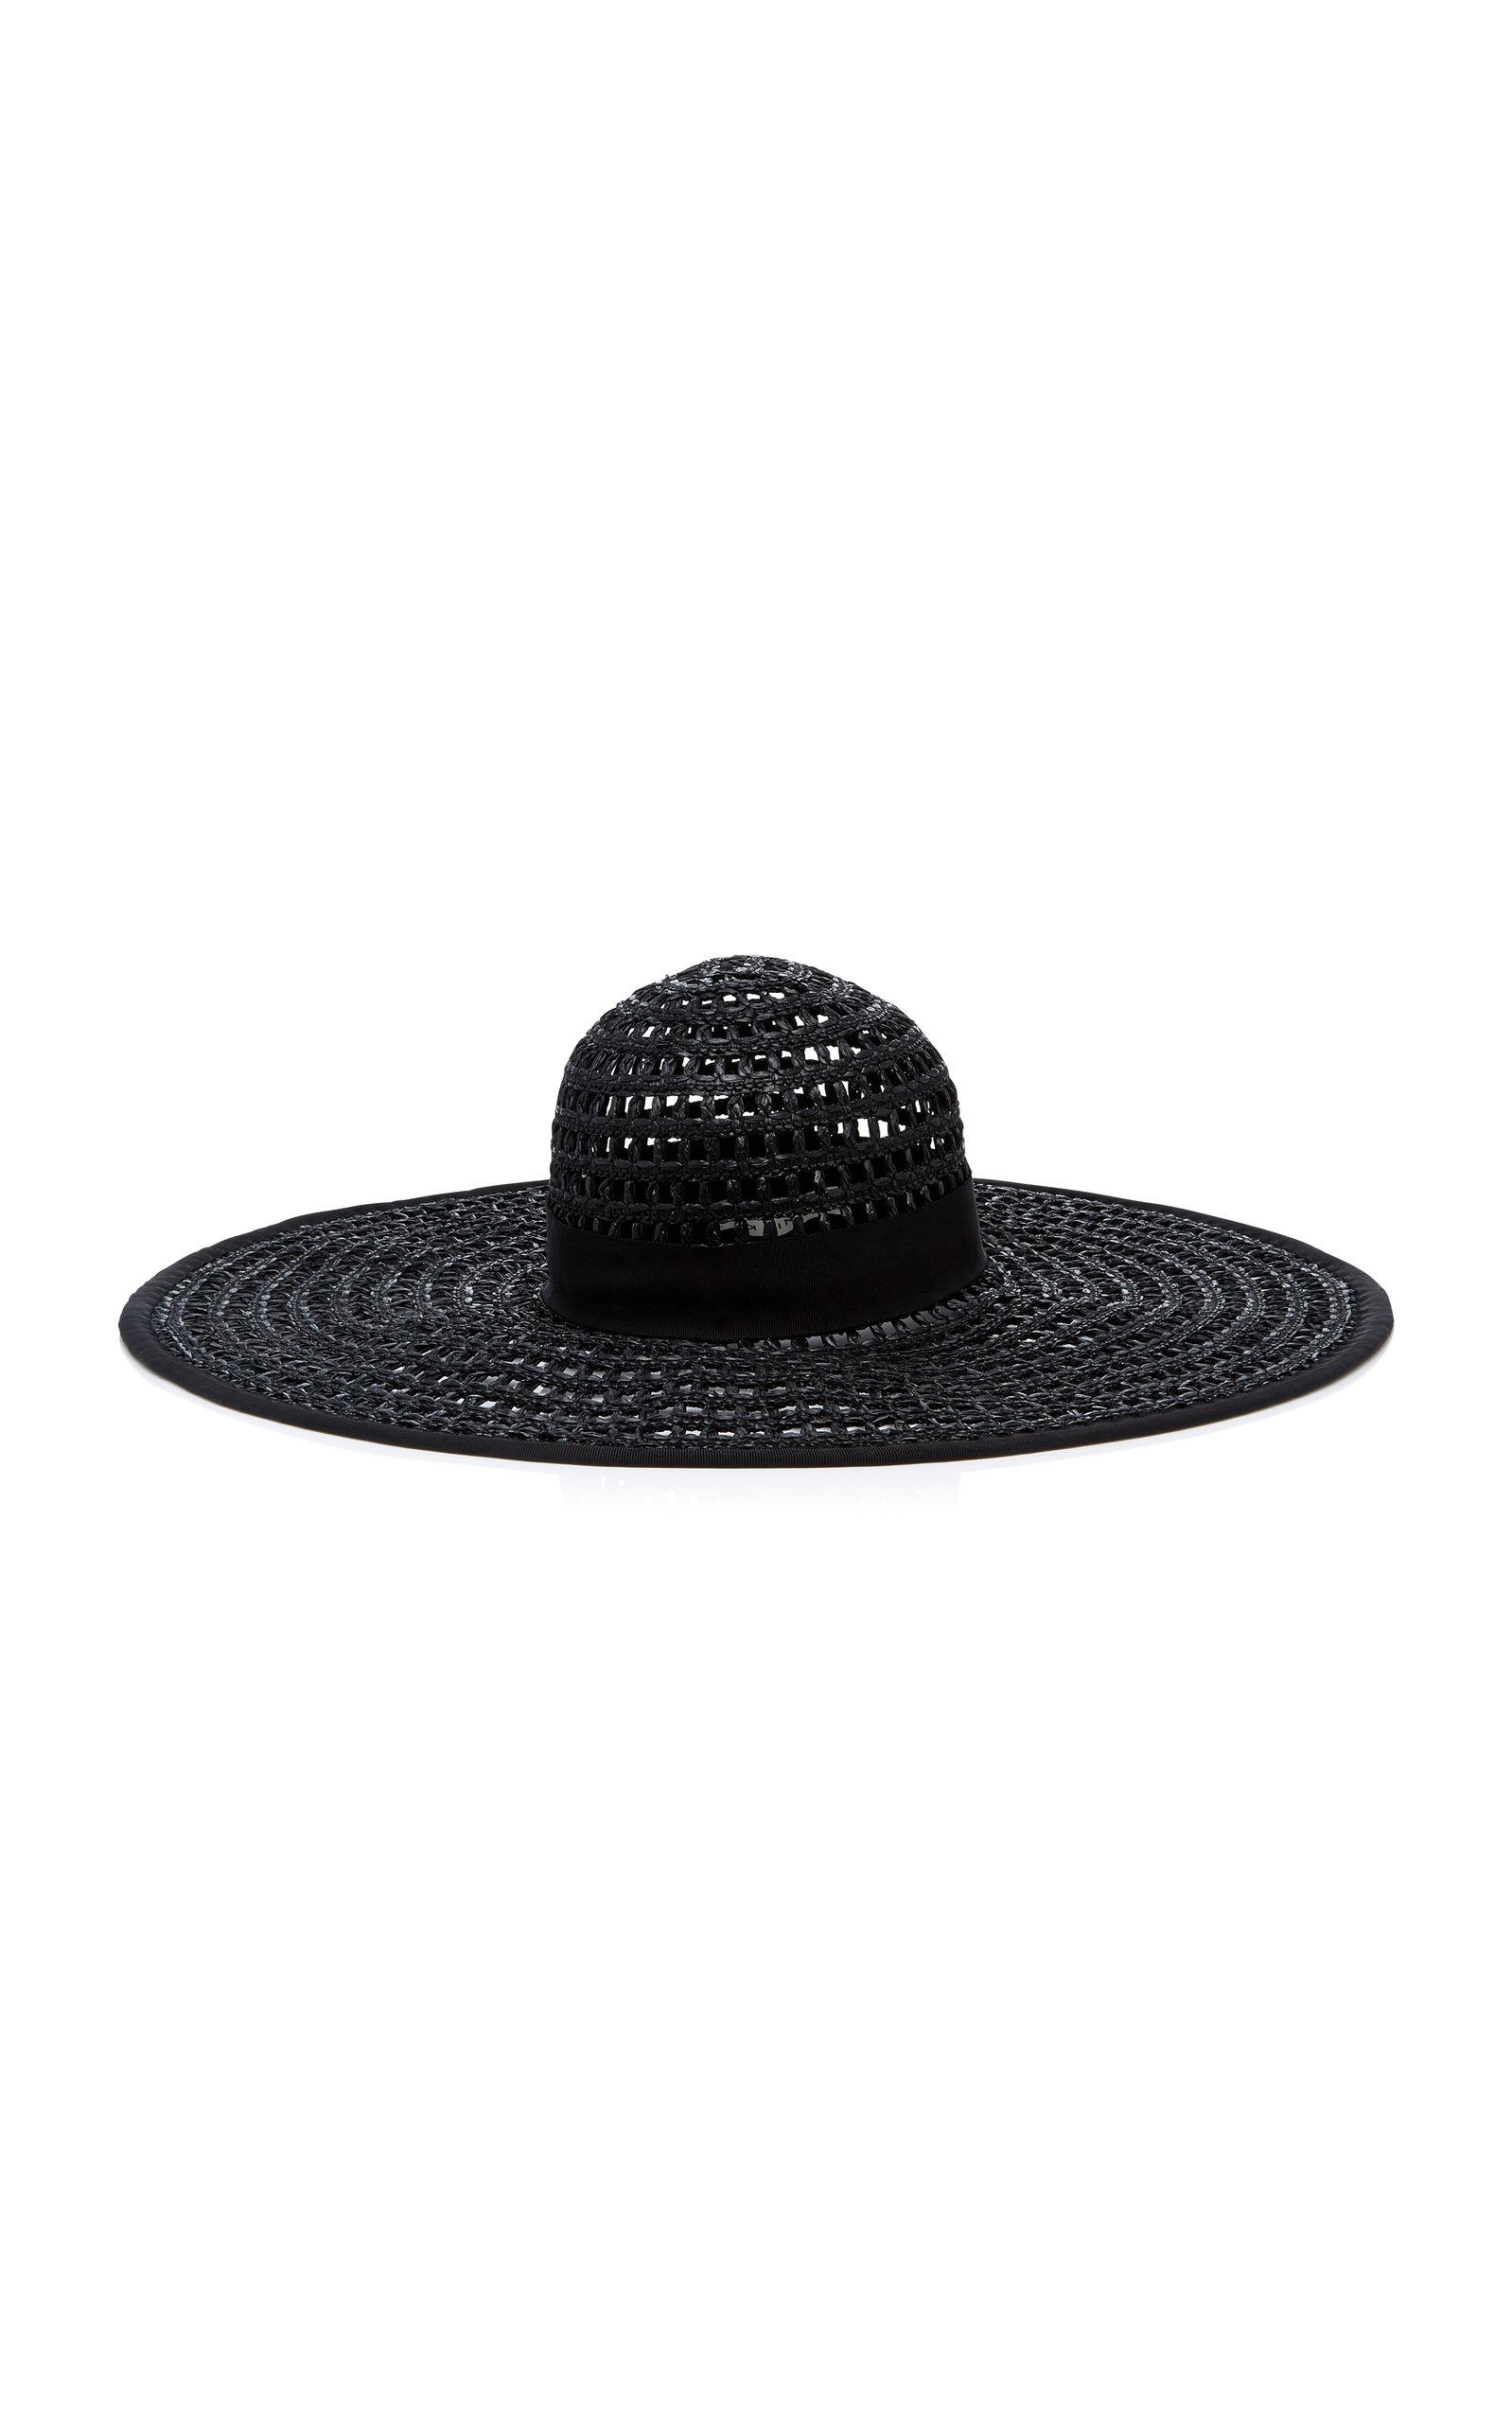 EUGENIA KIM Sunny Woven Black Sunhat